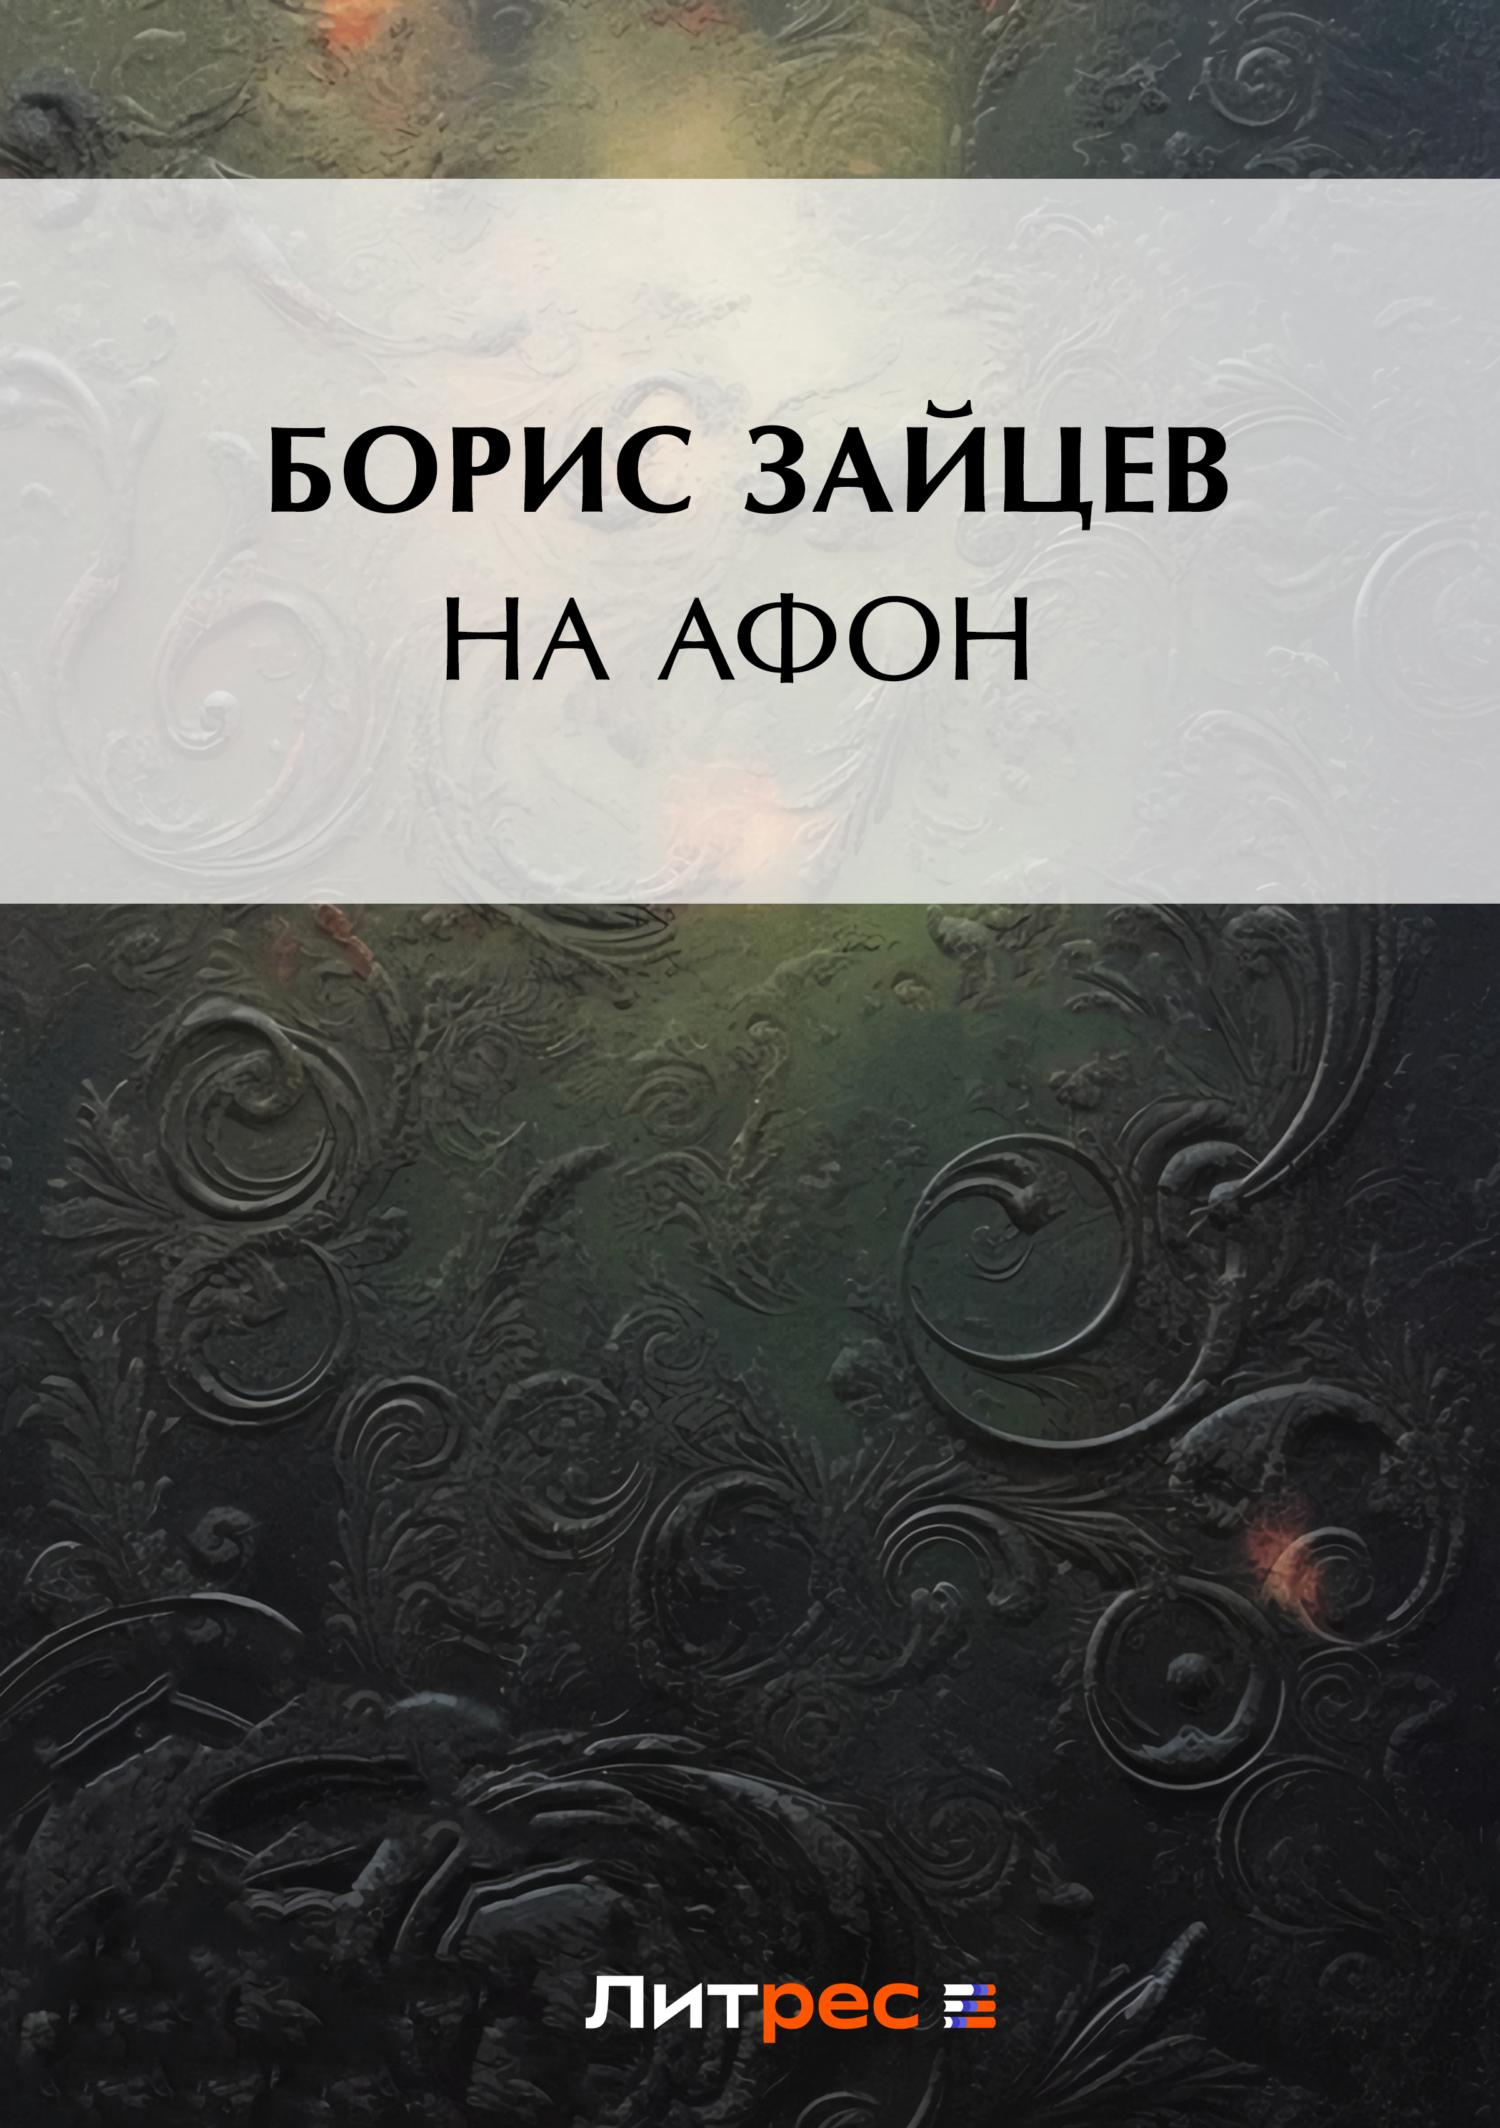 все цены на Борис Константинович Зайцев На Афон онлайн